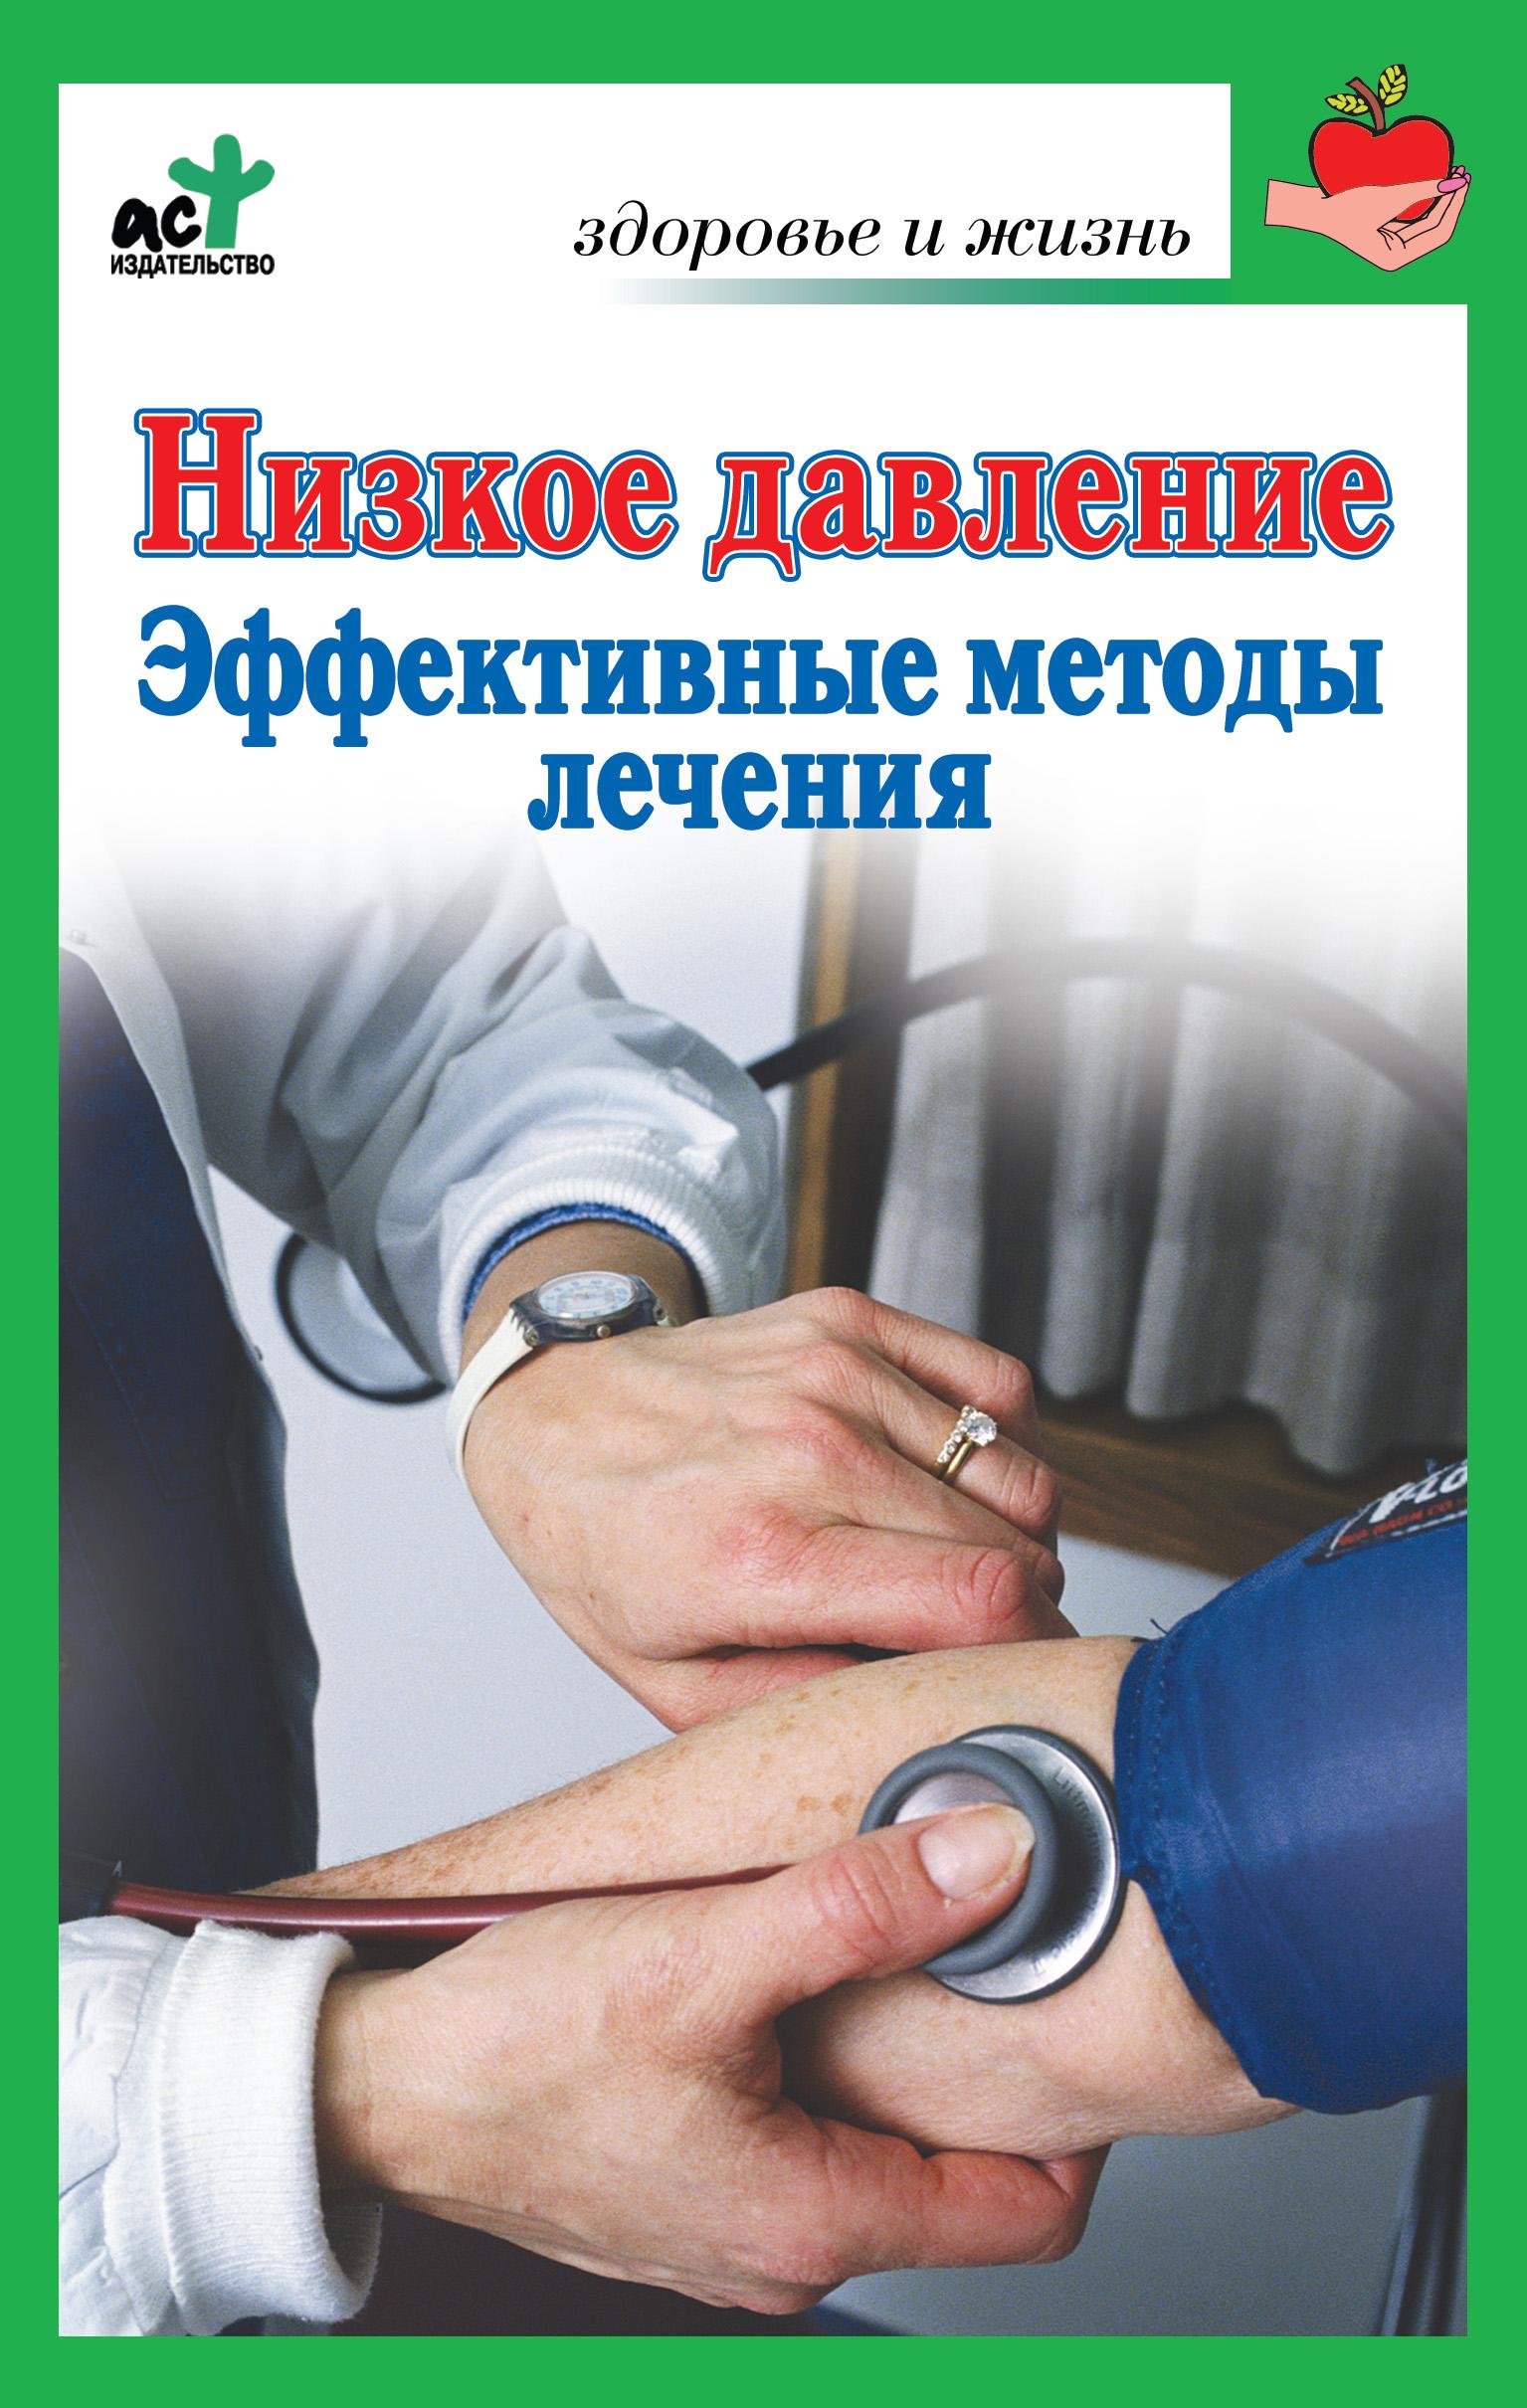 В. П. Потапенко Низкое давление. Эффективные методы лечения в п потапенко низкое давление эффективные методы лечения